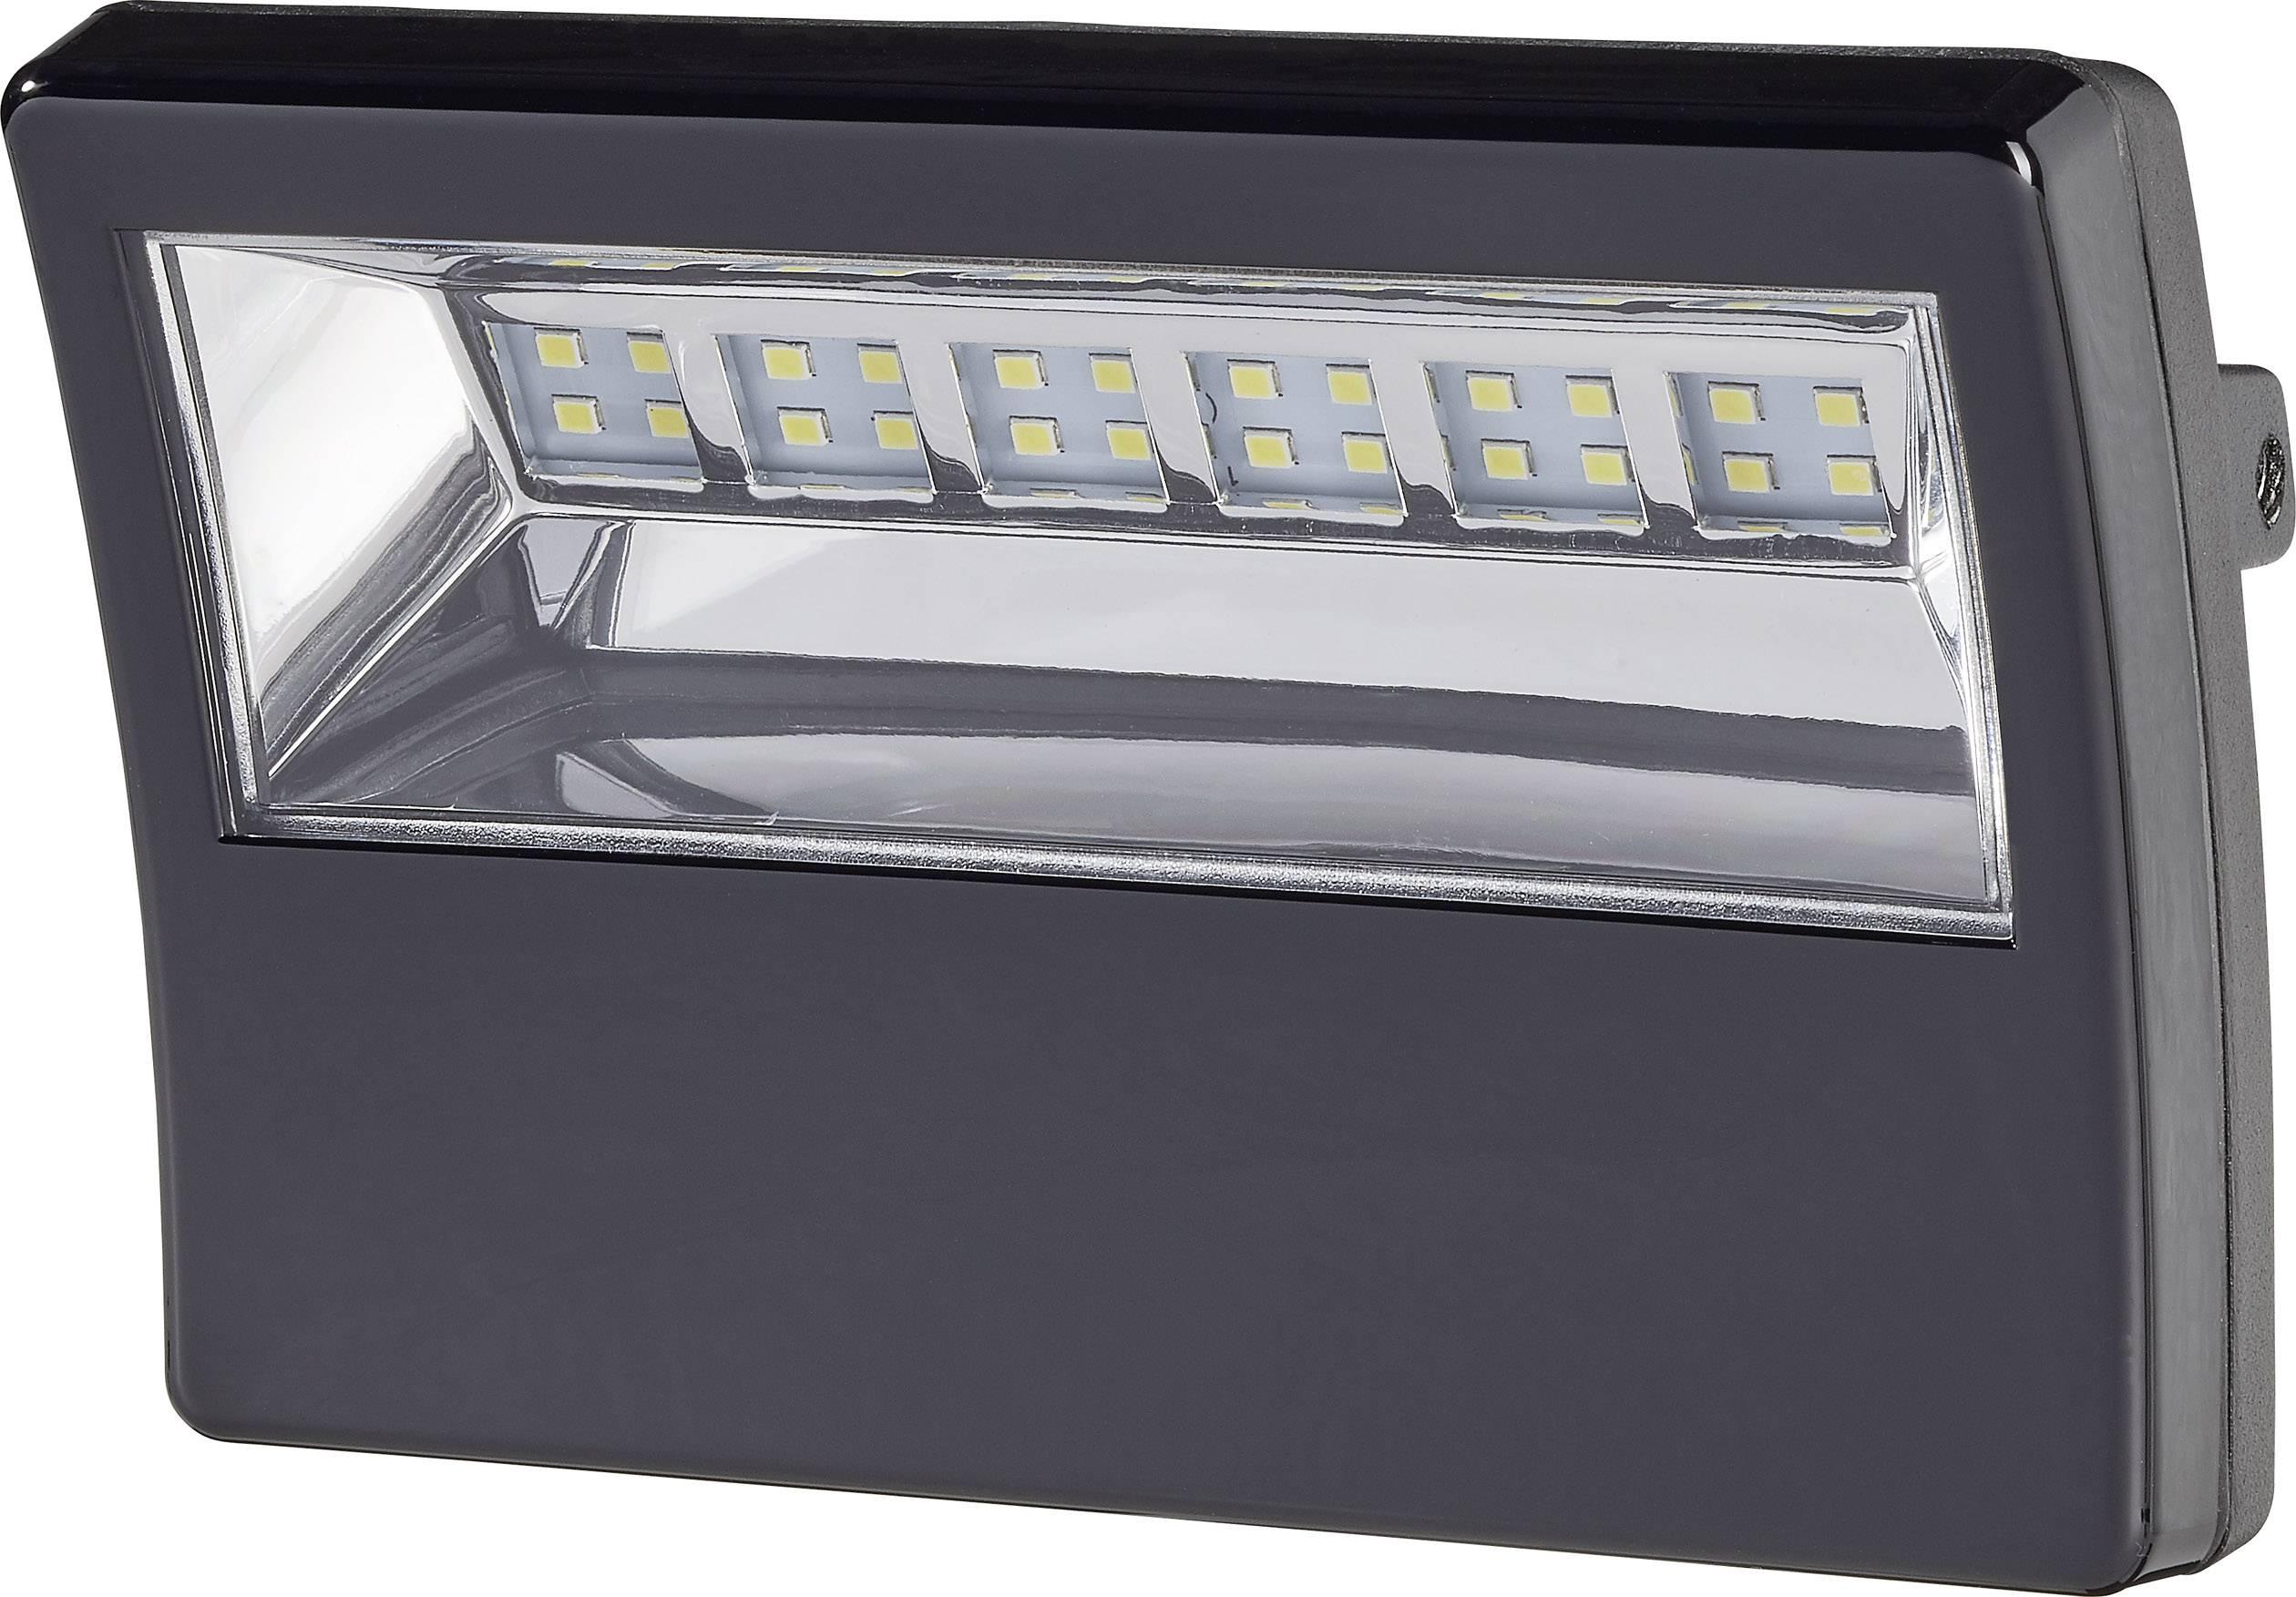 DioDor DIO-FL28W-W12V Faretto a LED per esterni 28 W Bianco neutro